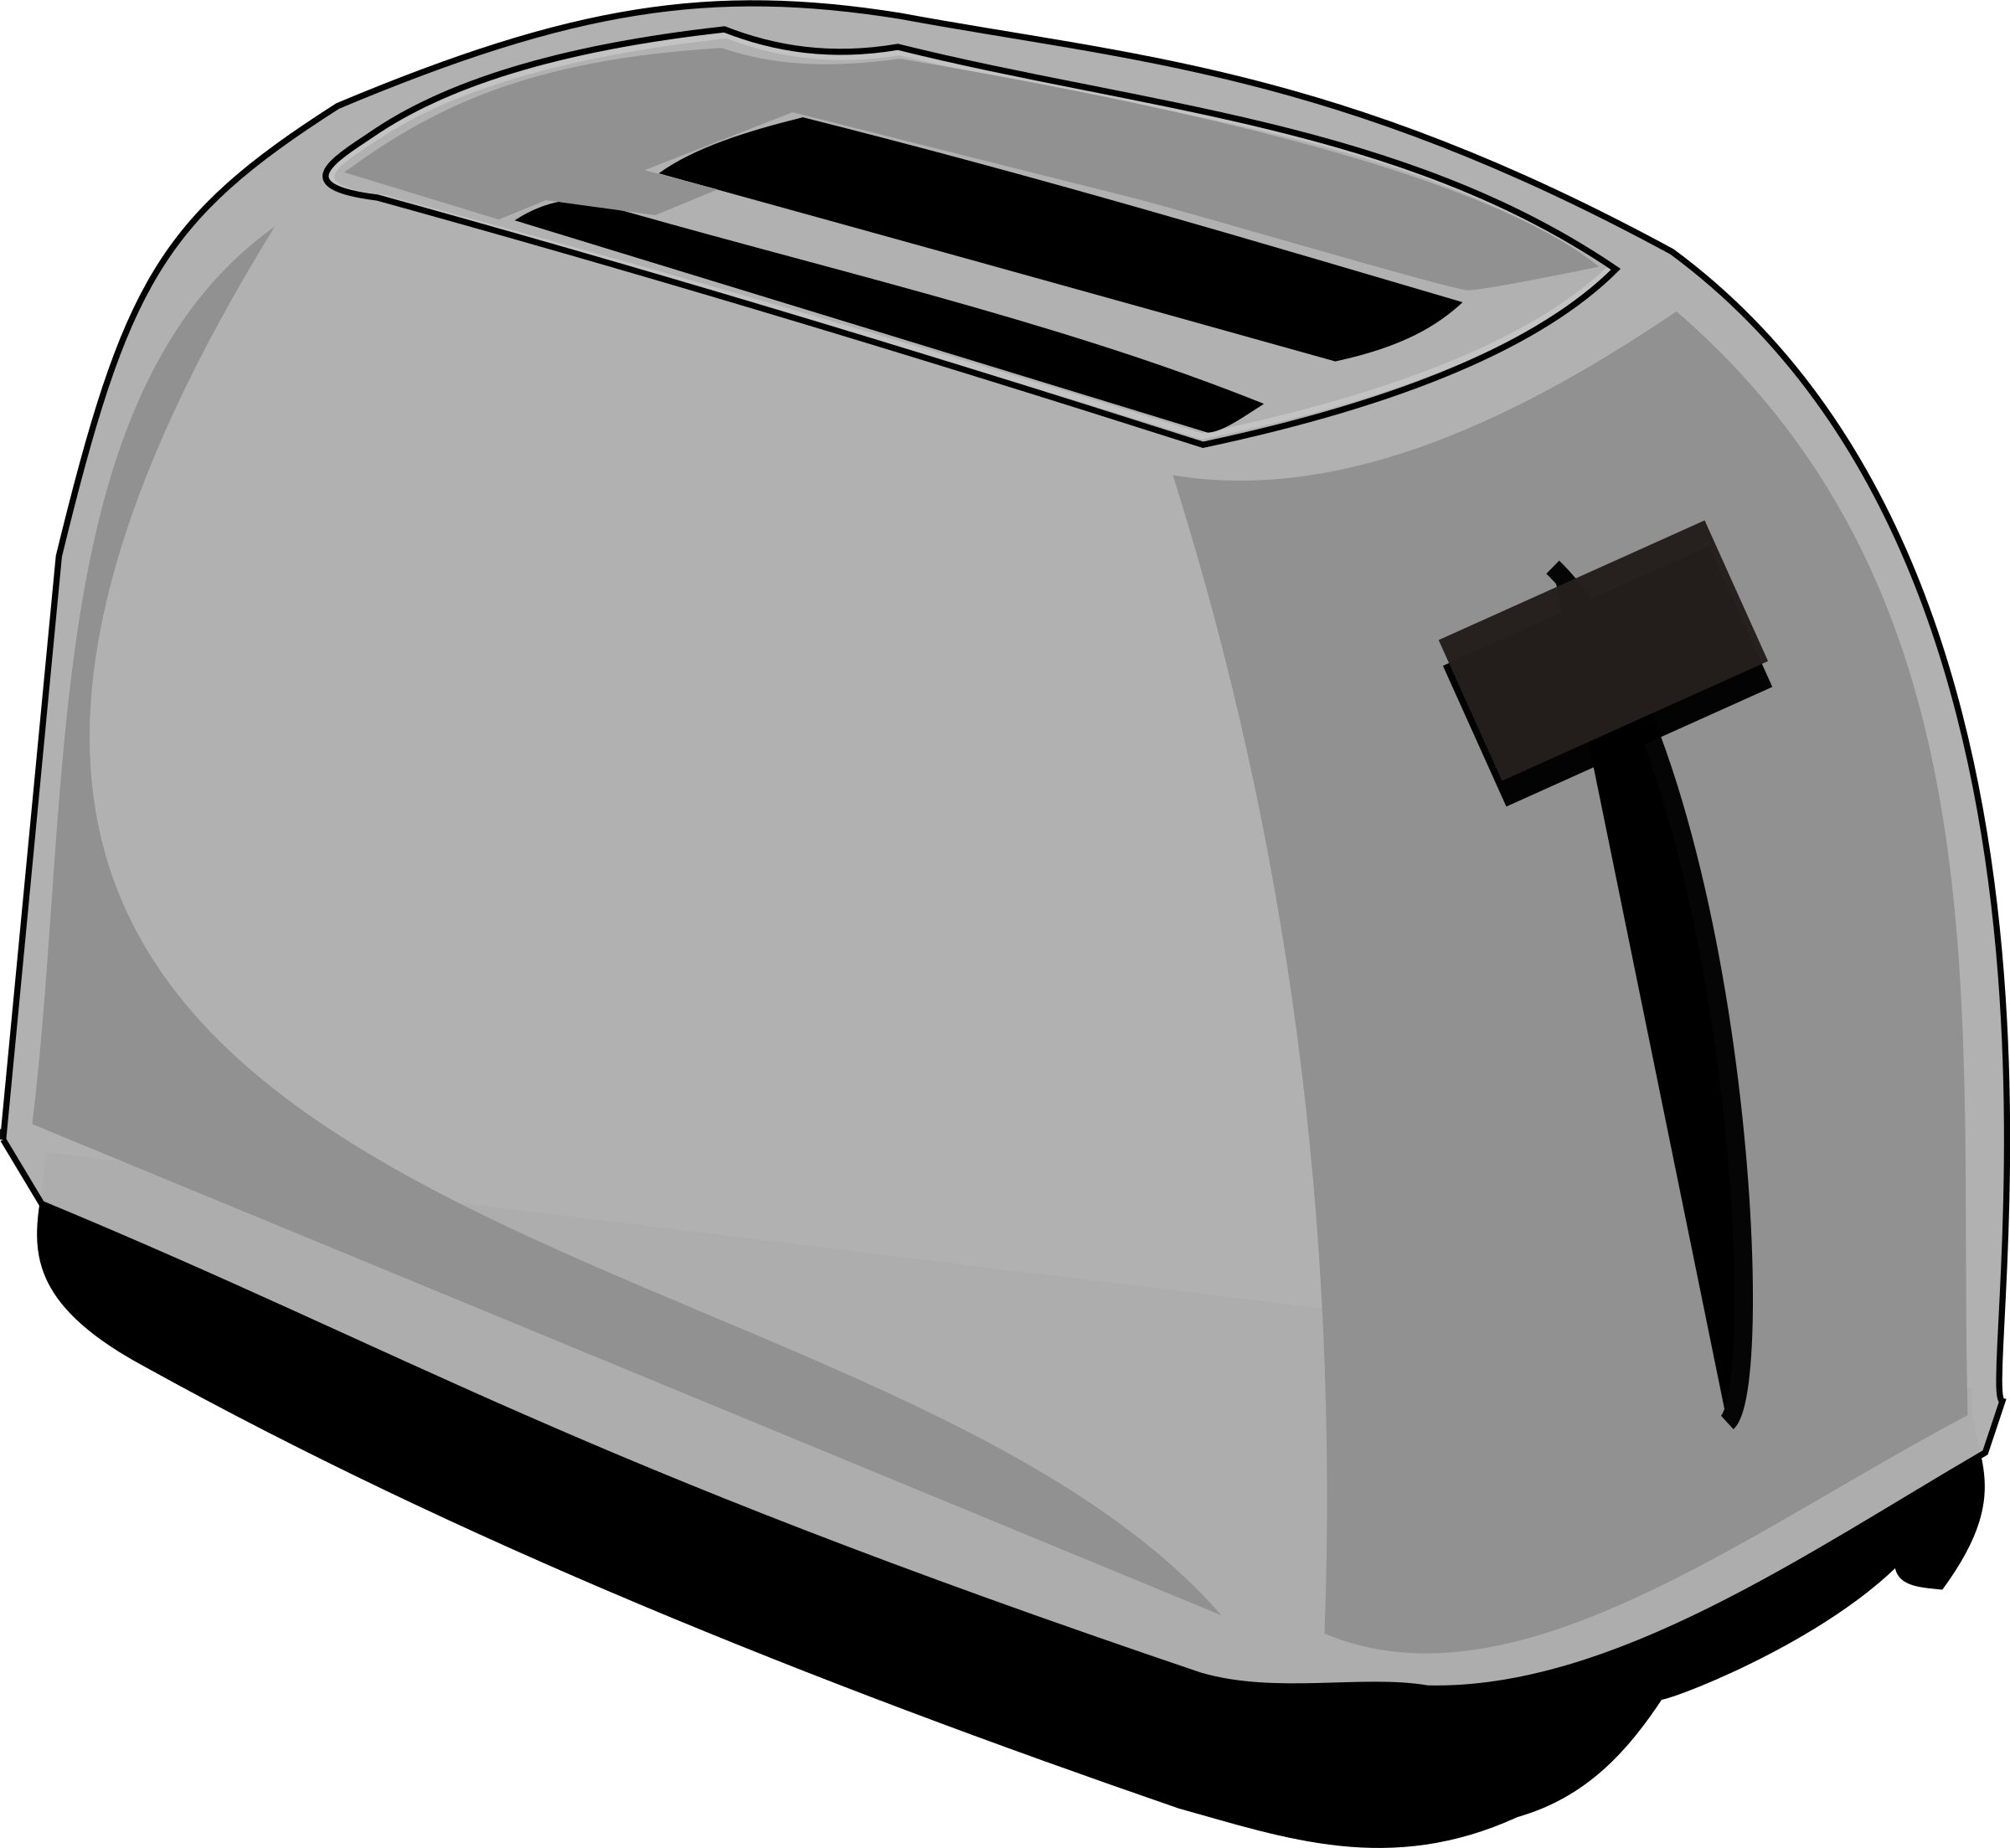 Toaster